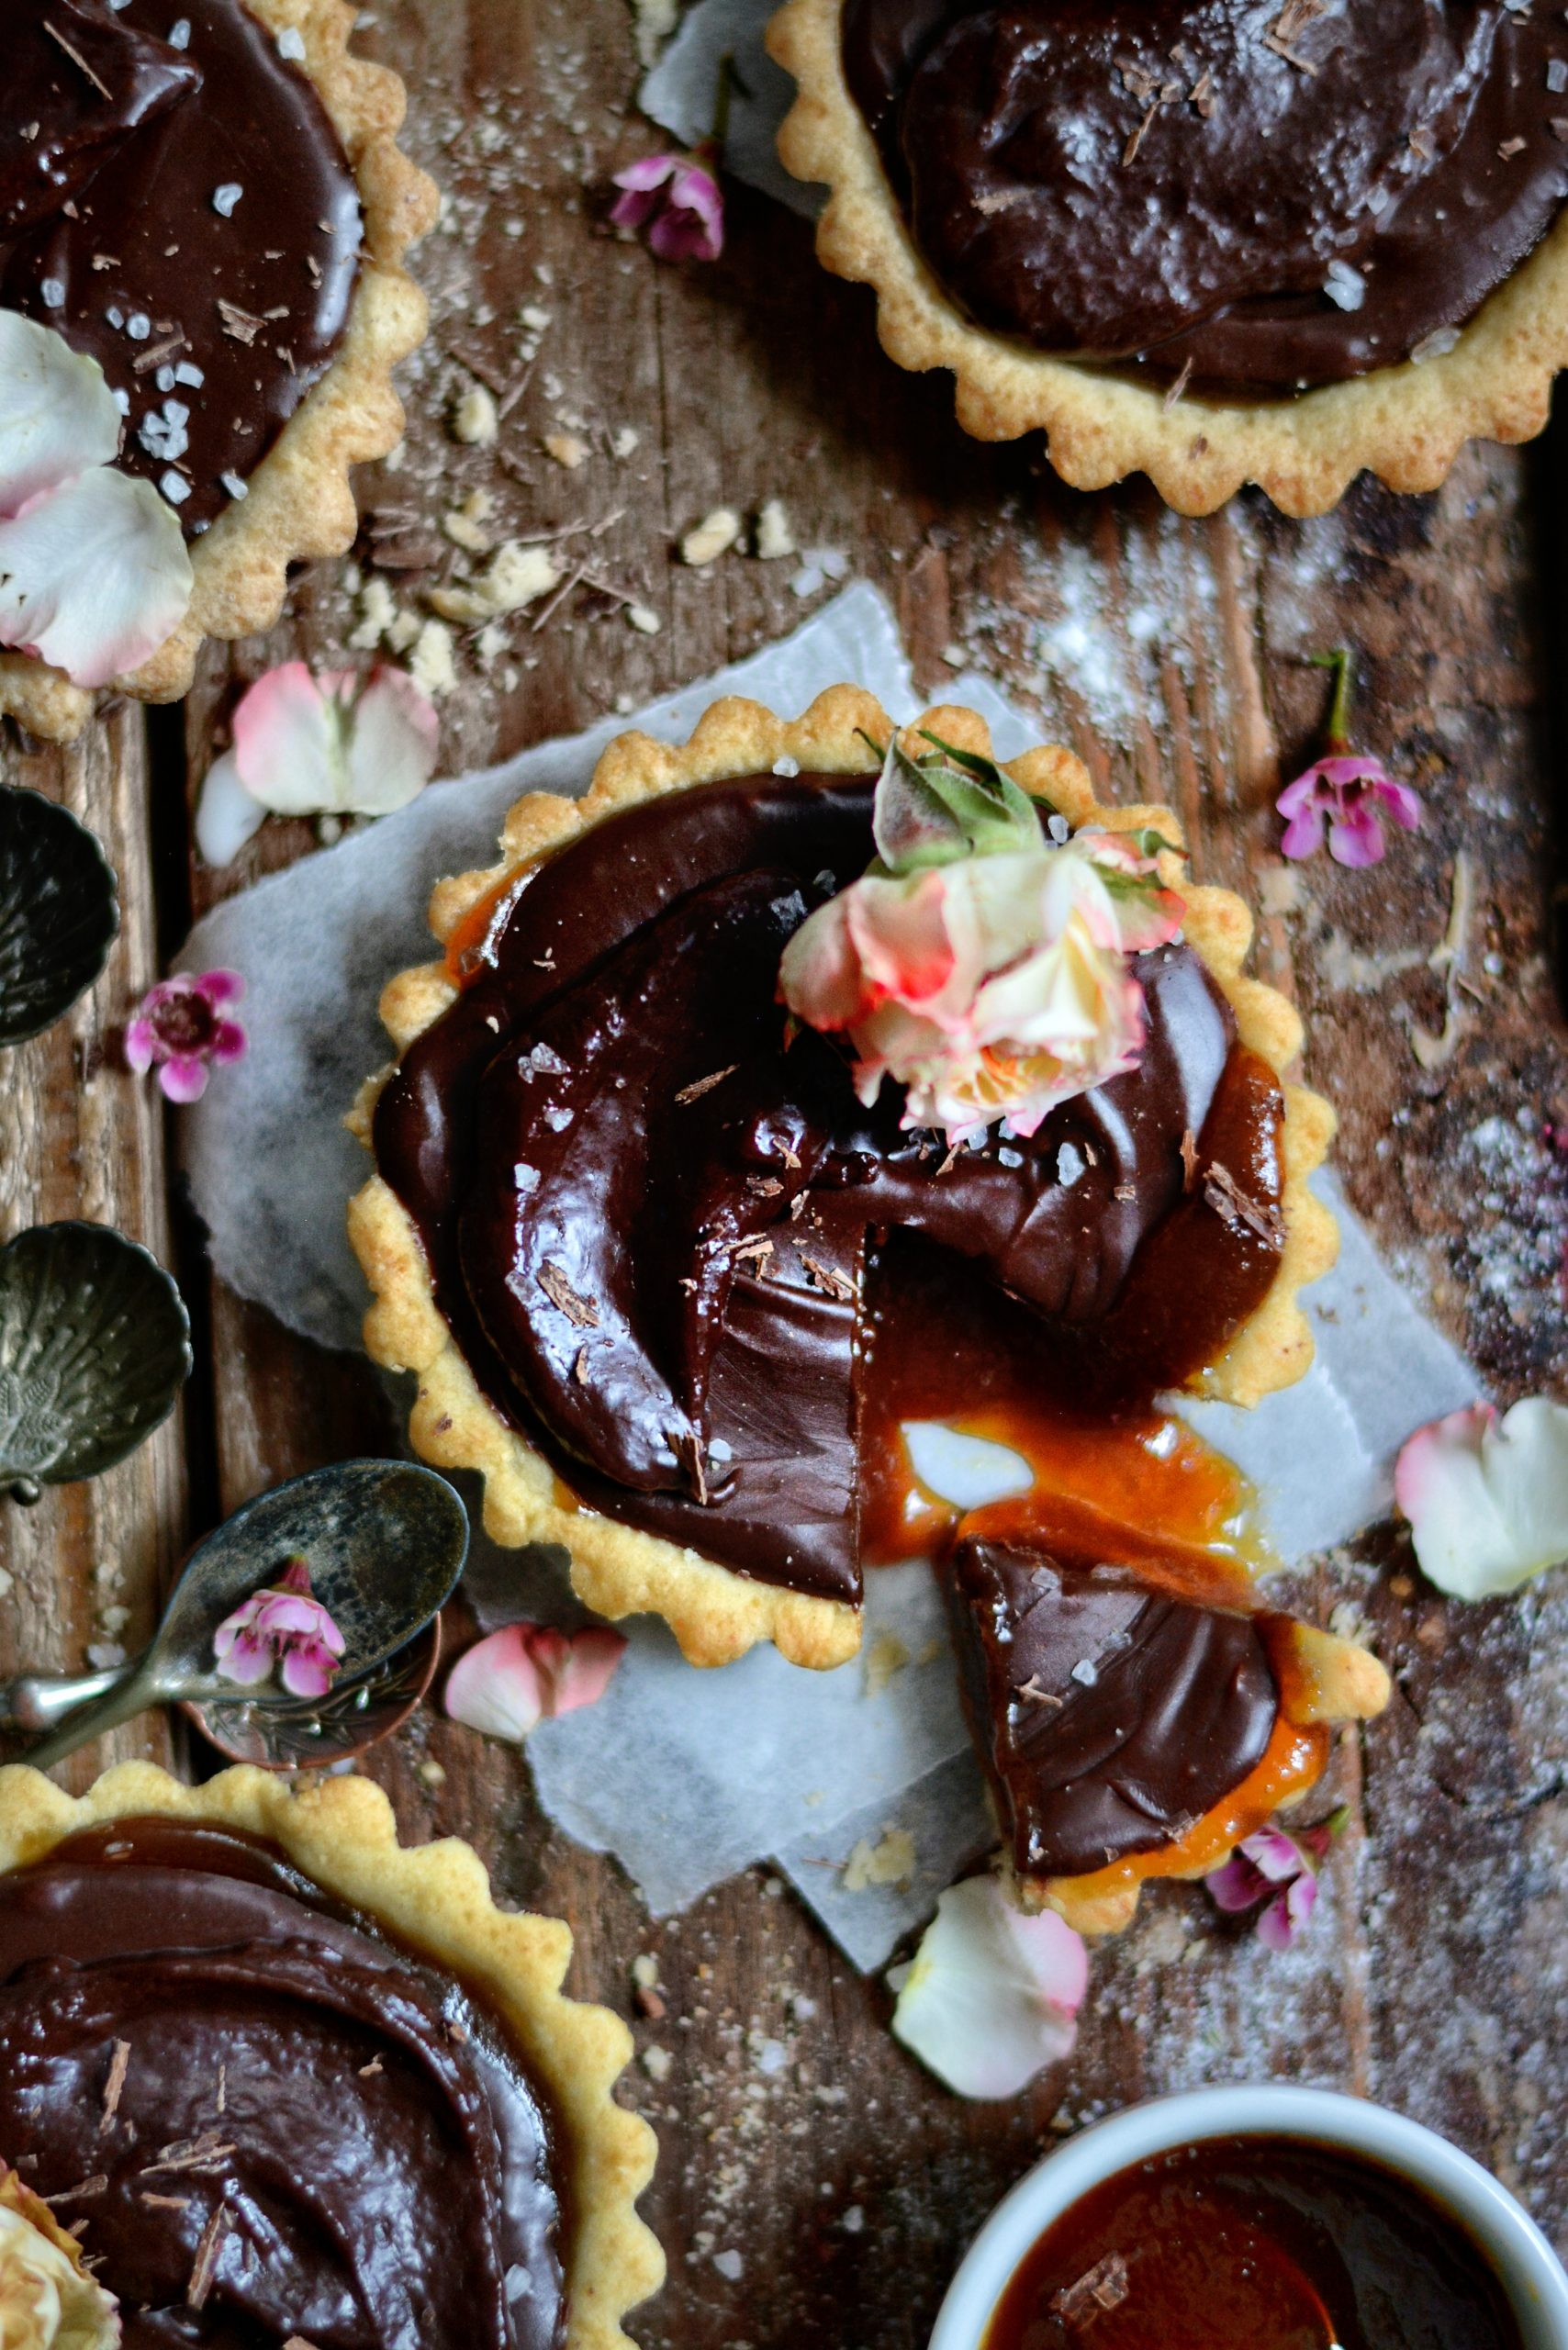 Tartelettes Vegan Chocolat, Caramel / Vegan Caramel and Chocolate Tartlets